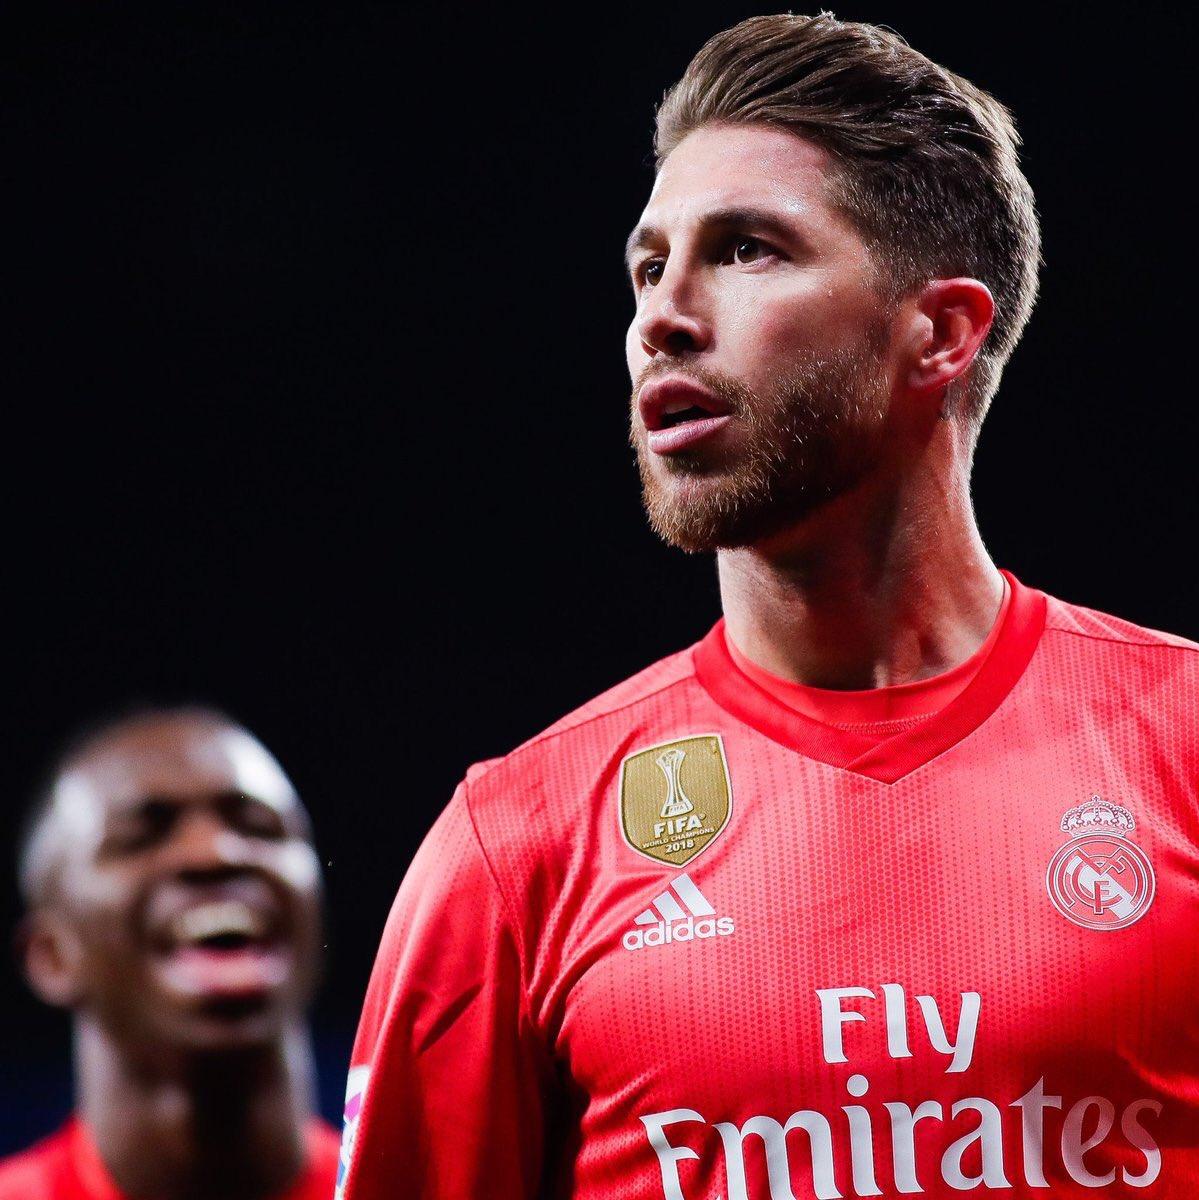 601ème match pour Sergio Ramos sous les couleurs madrilènes toutes compétitions confondues. Il devient le 5ème joueur le plus capé de l'histoire du Real Madrid !